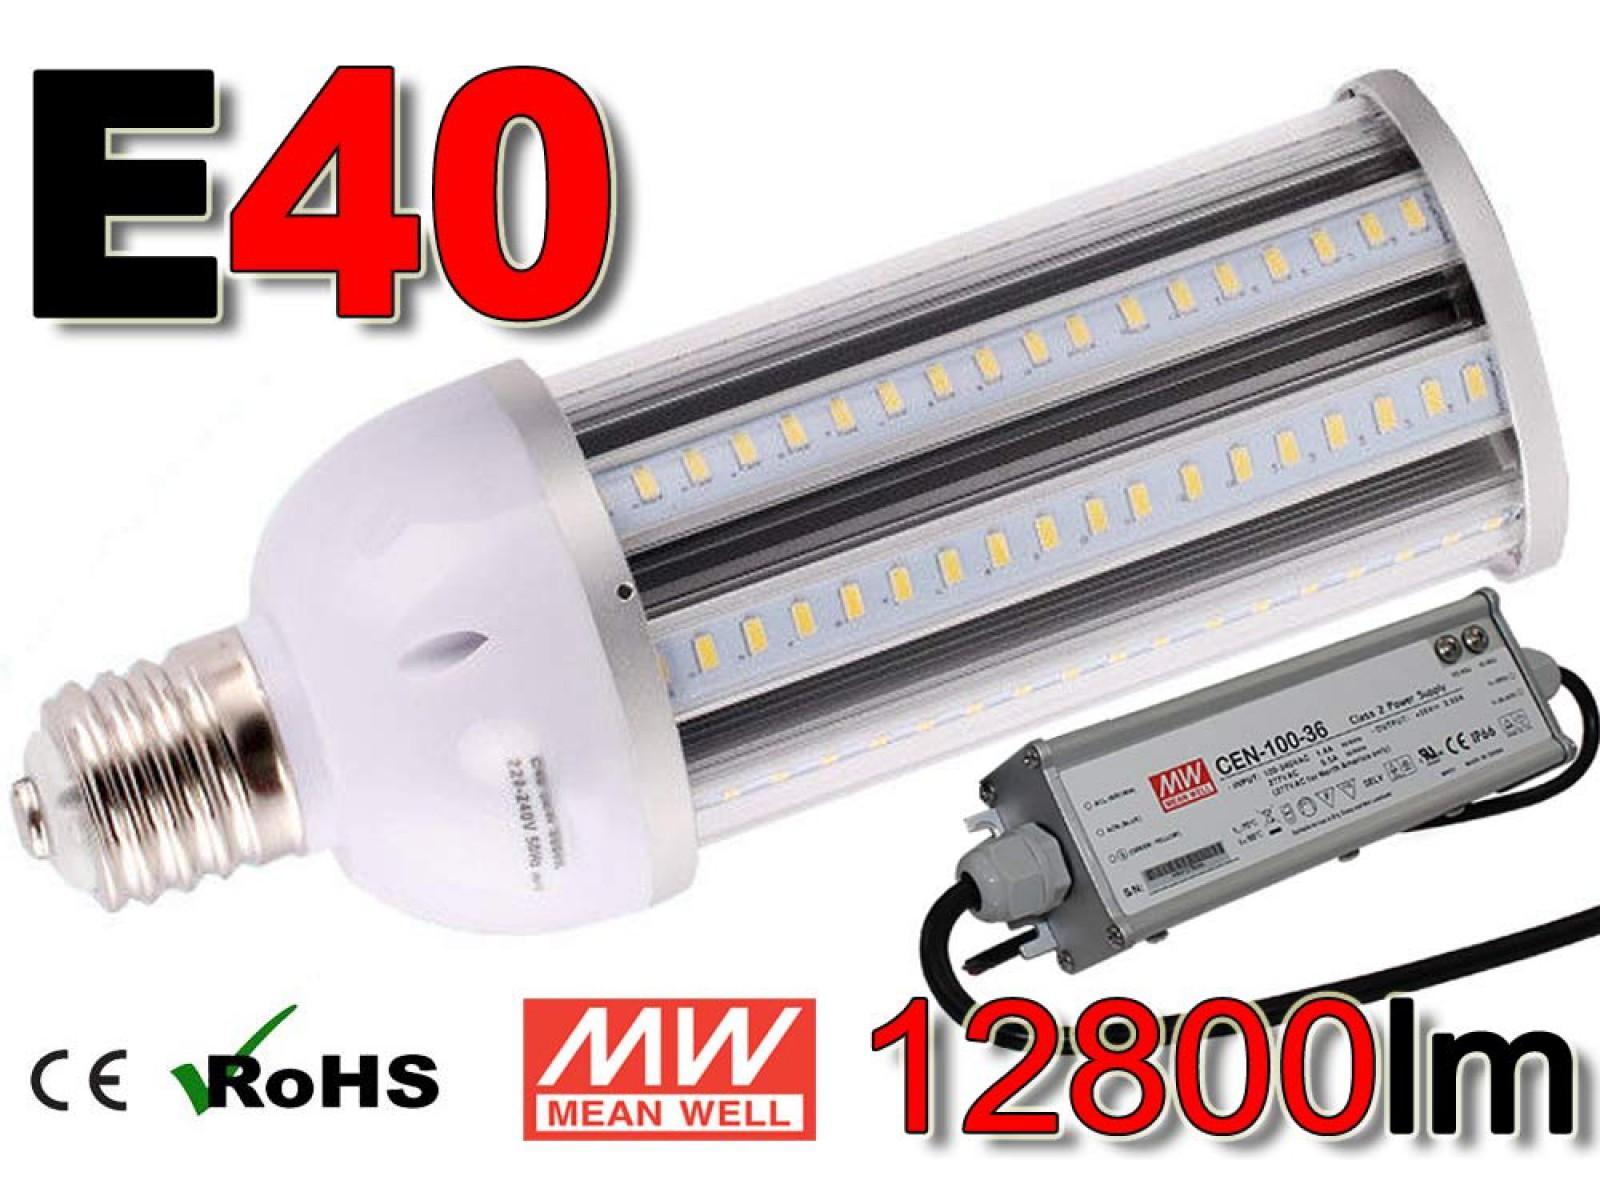 Ndl Lampe 250 Watt